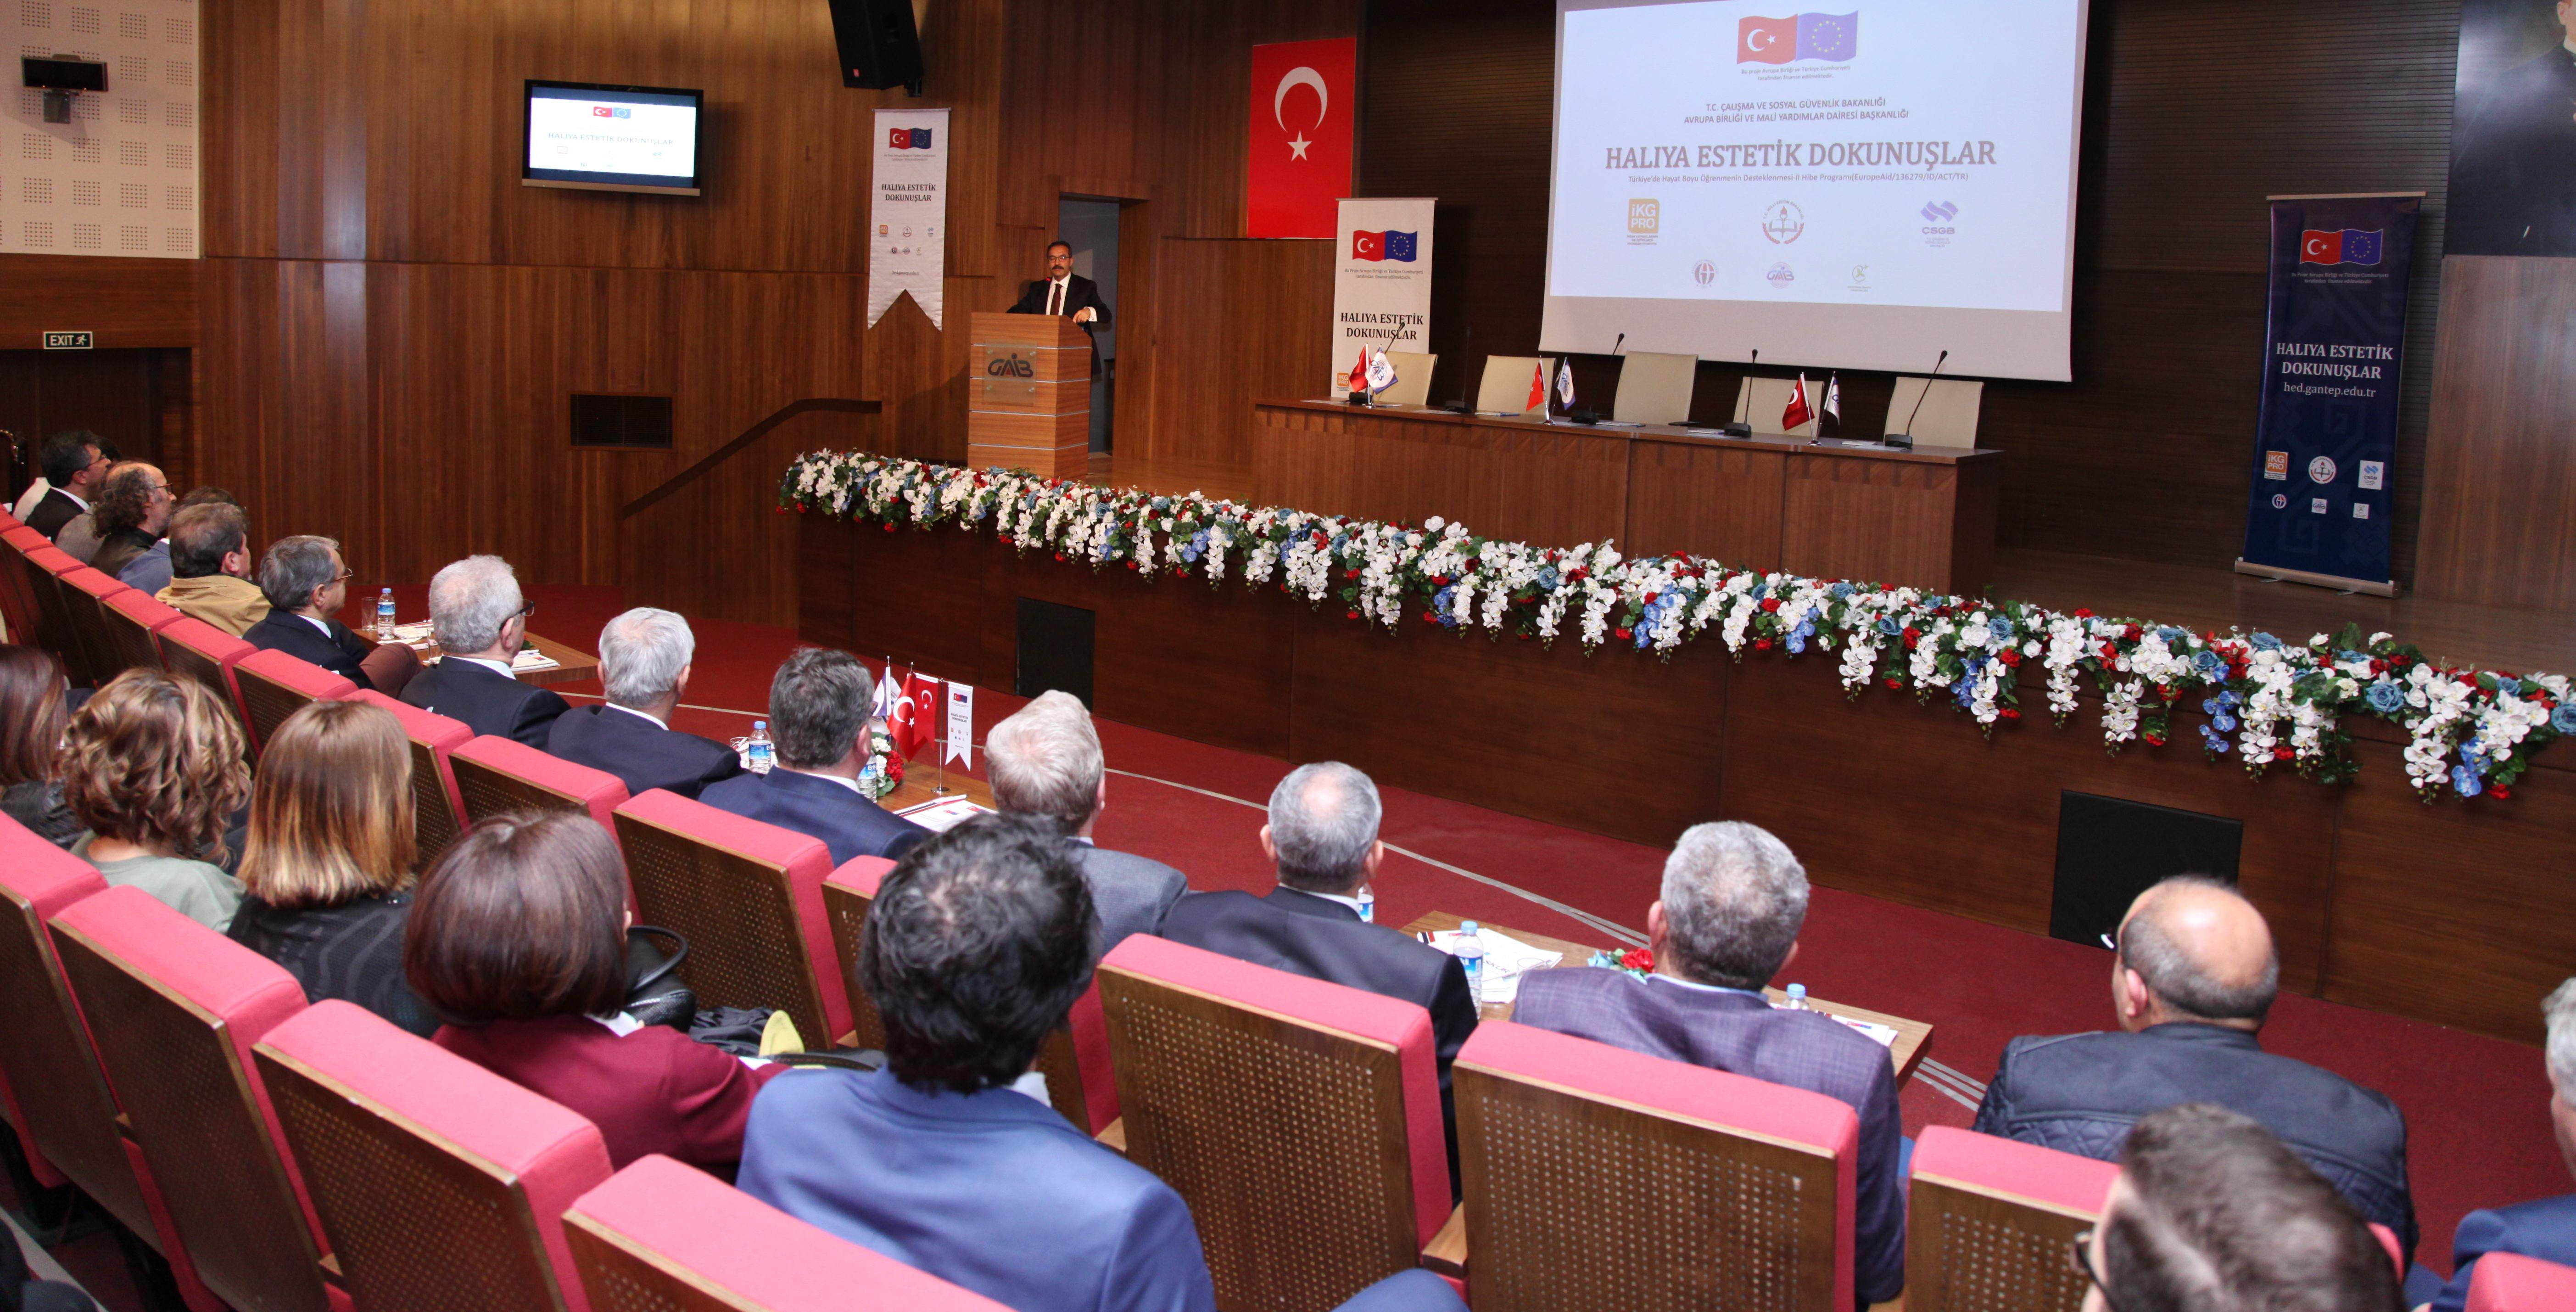 Halıya Estetik Dokunuşlar' Projesi